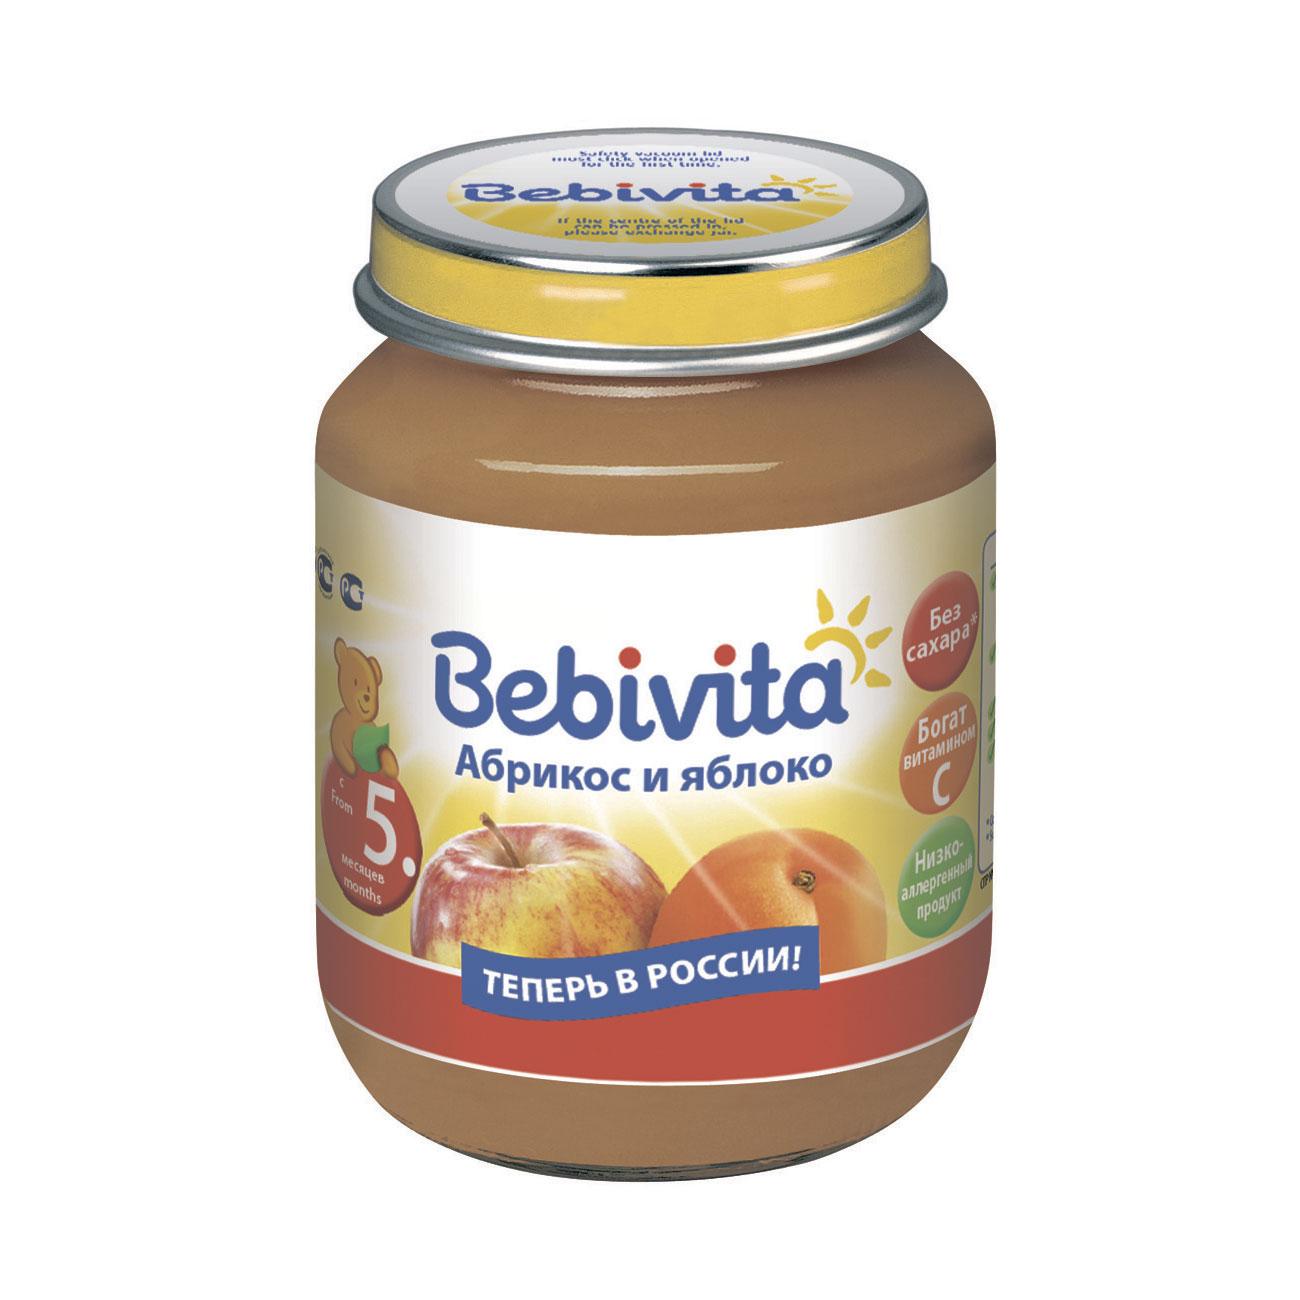 Пюре Bebivita фруктовое 100 гр Абрикос яблоко (с 5 мес)<br>